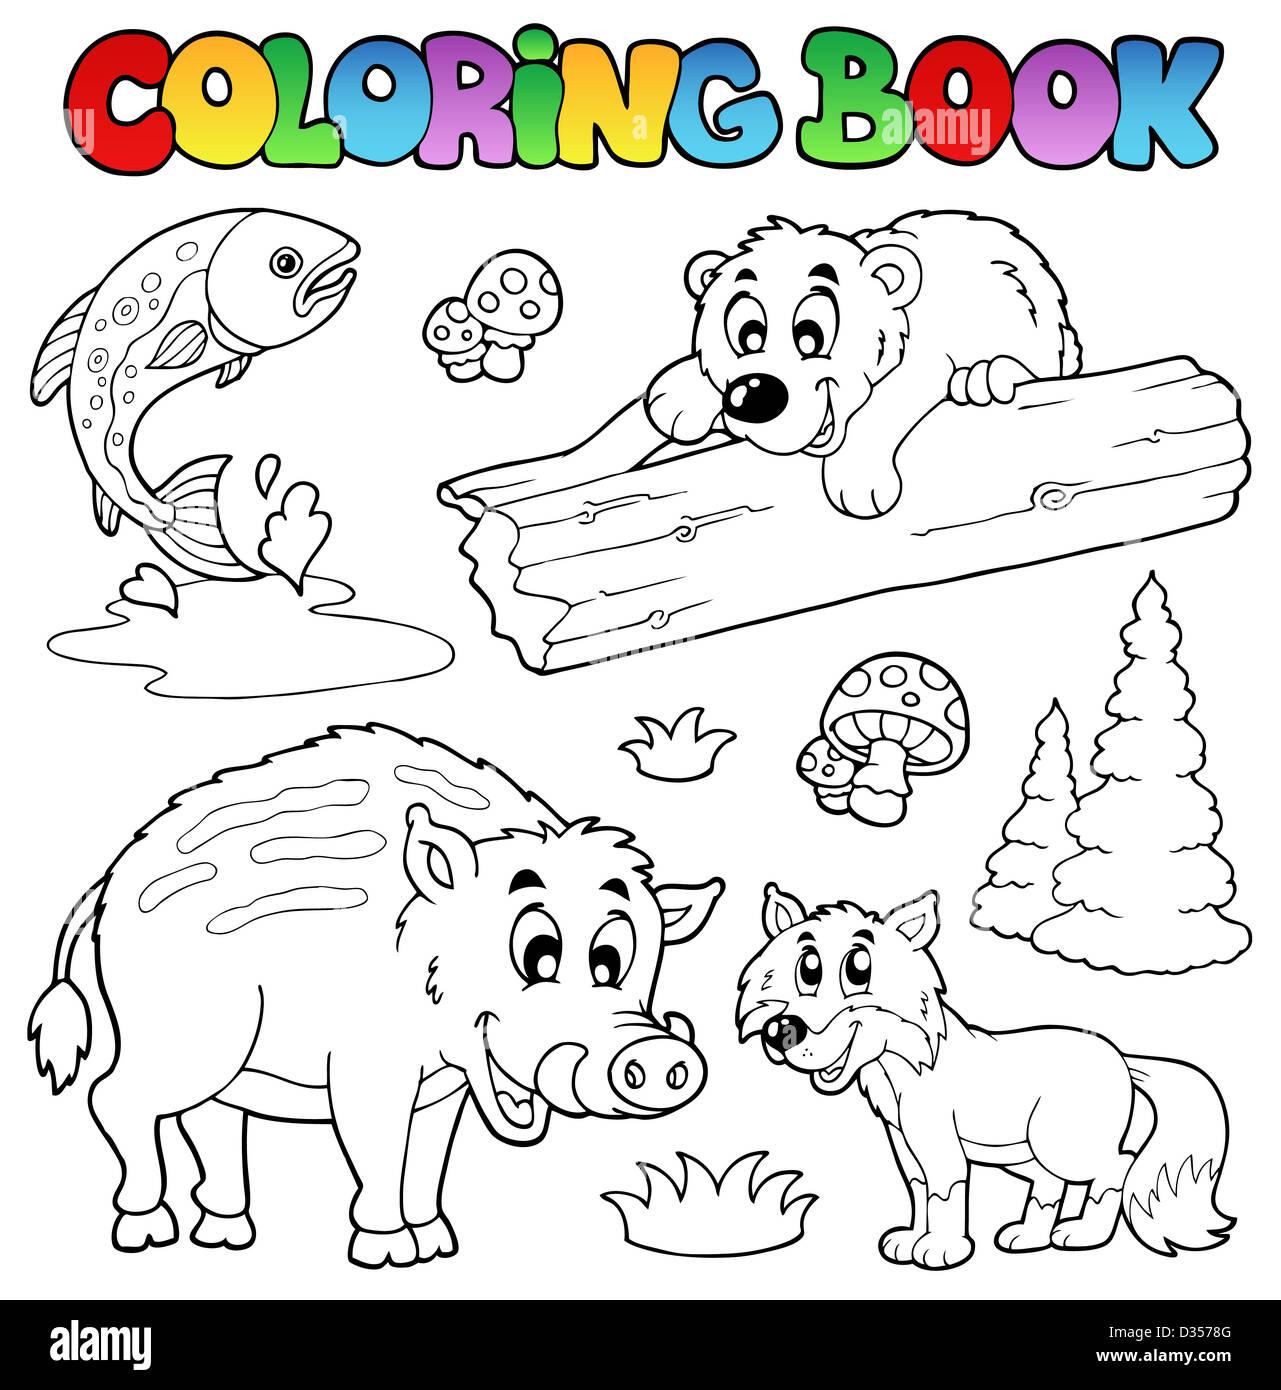 Libro Para Colorear Con Bosques Animales Ilustración Temática Foto